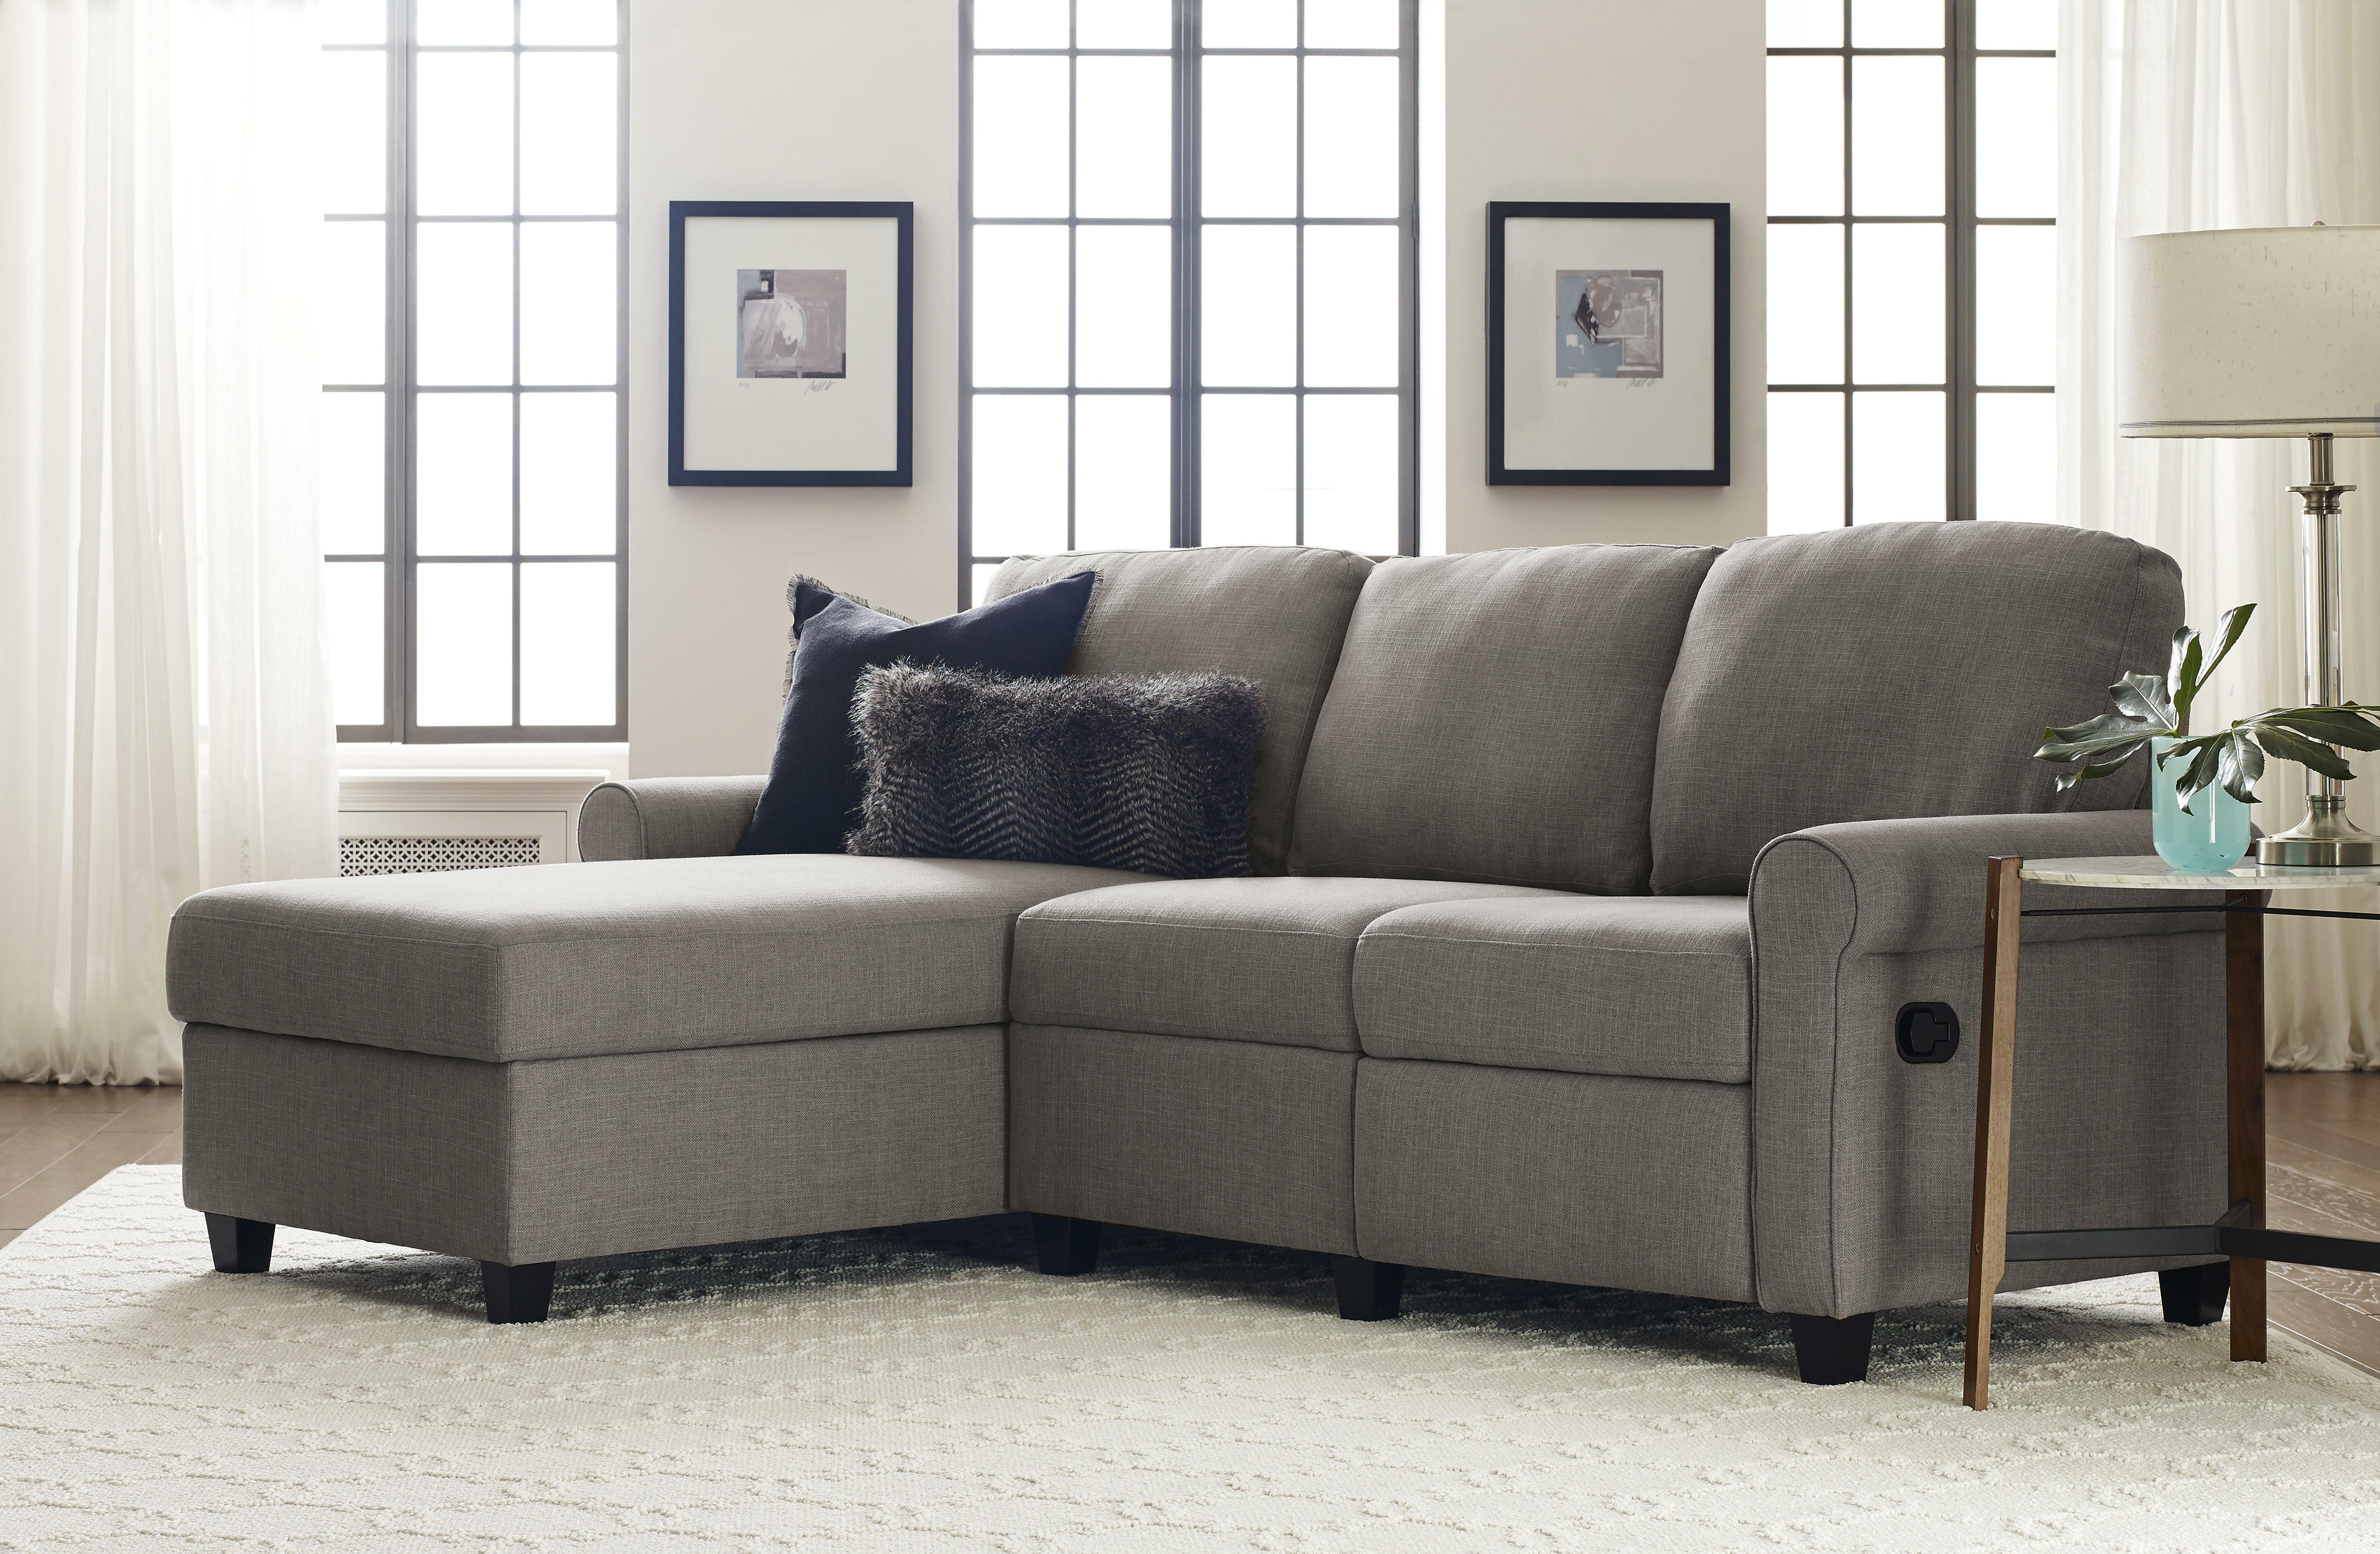 serta at home copenhagen reclining sectional sert1172 piid= ,0